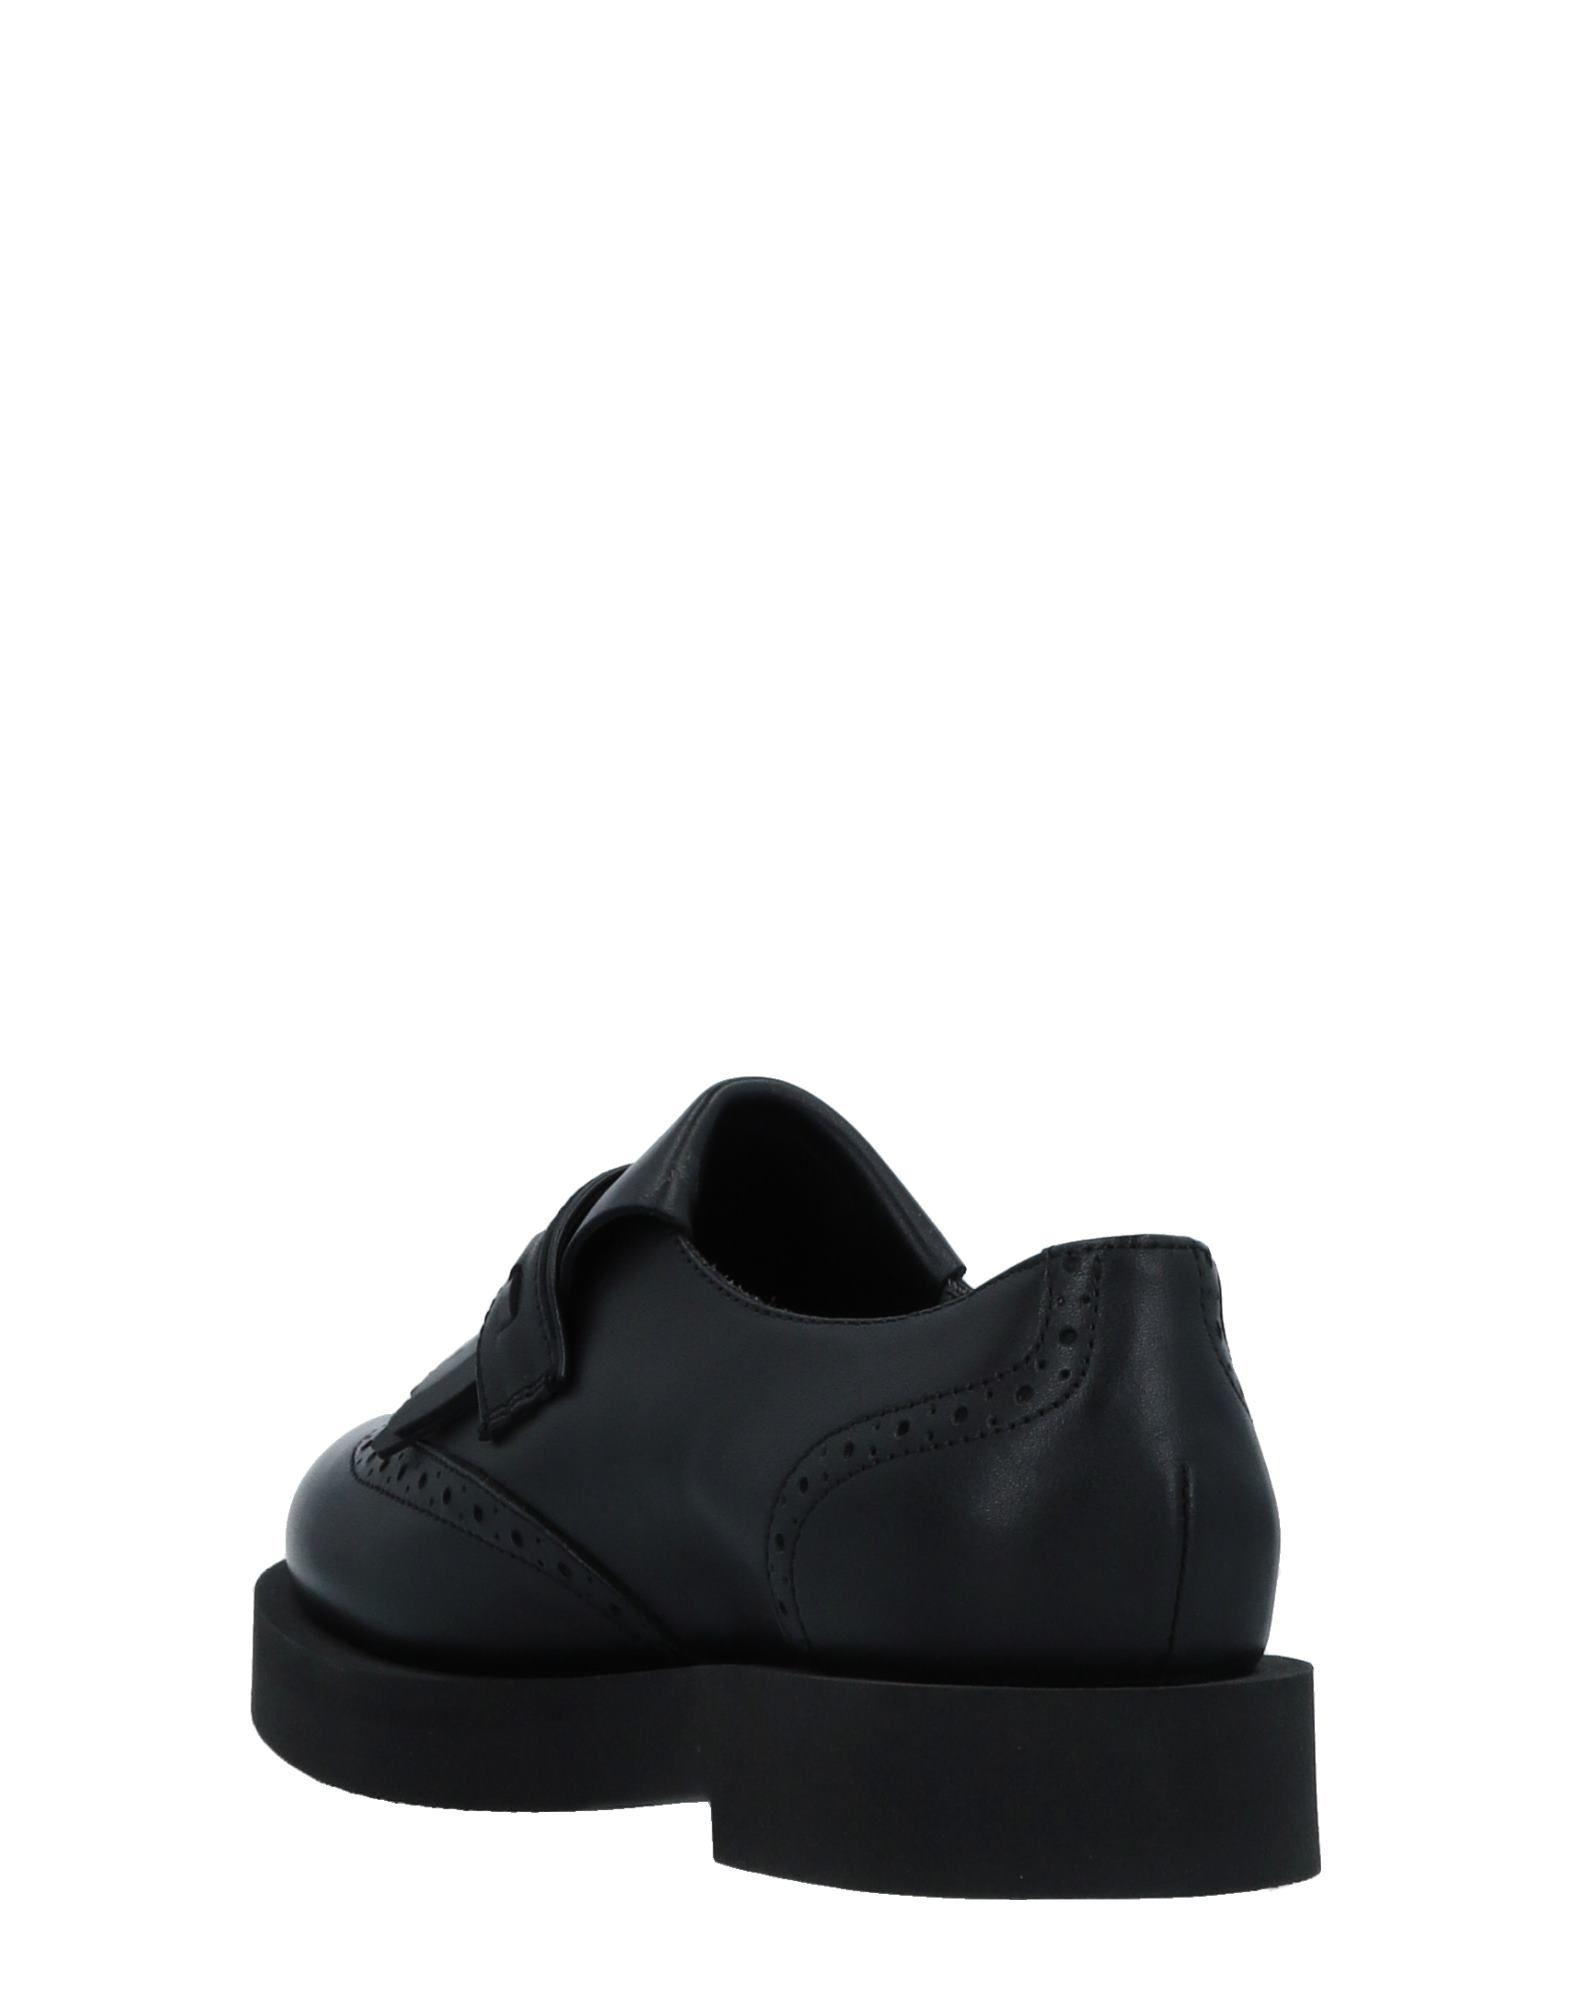 Cesare Paciotti 4Us Schuhe Mokassins Damen  11515240SF Neue Schuhe 4Us c79de9